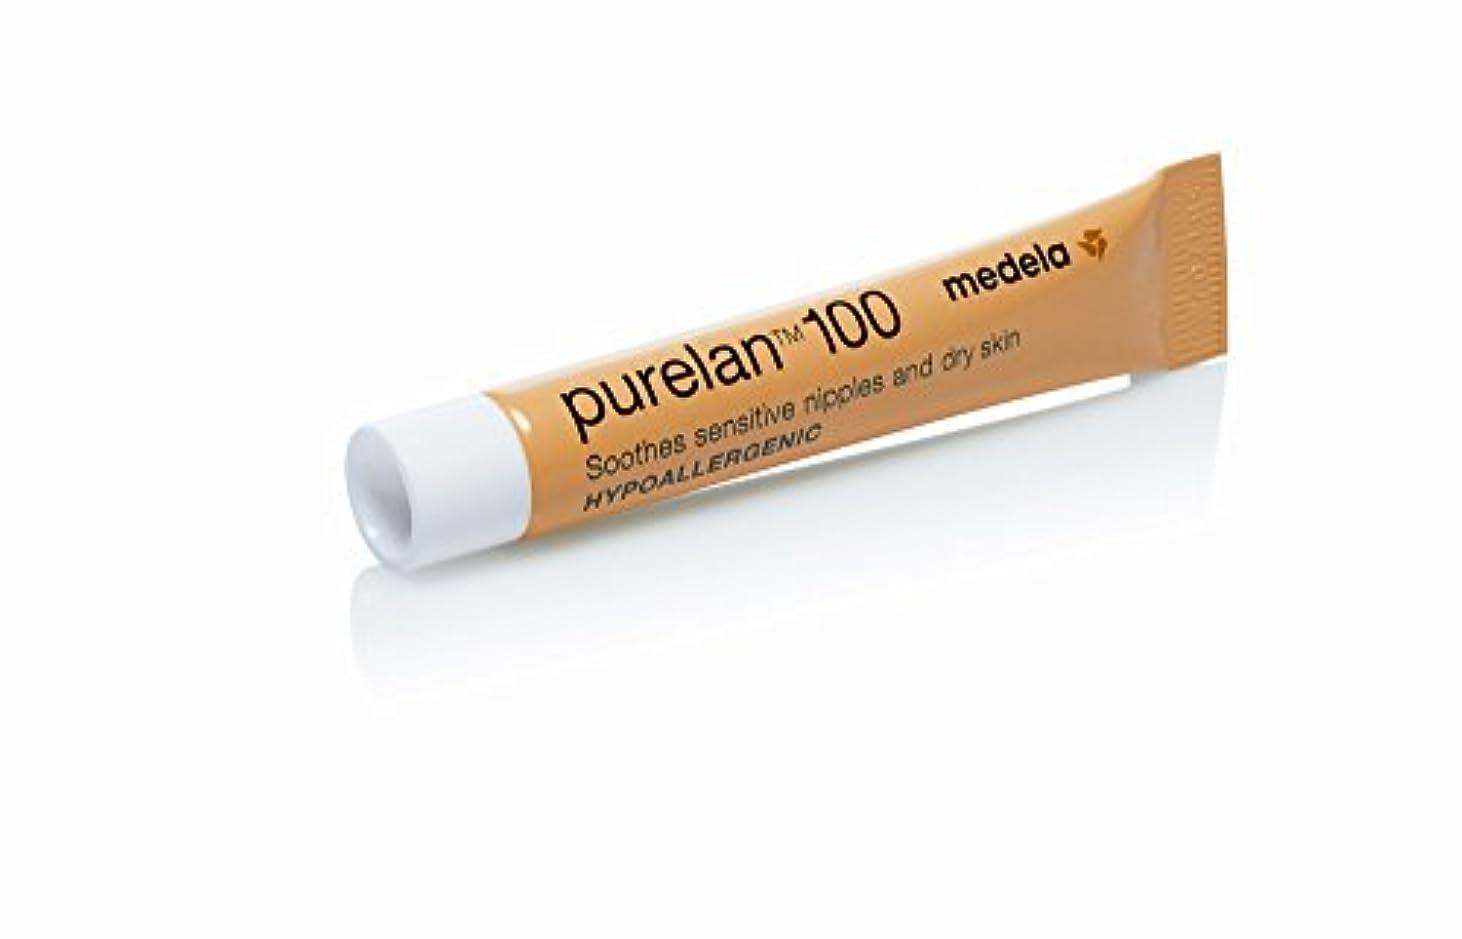 弱点正確さ参加するMedela メデラ 乳頭保護クリーム ピュアレーン100 7g 天然ラノリン 100% (008.0018)